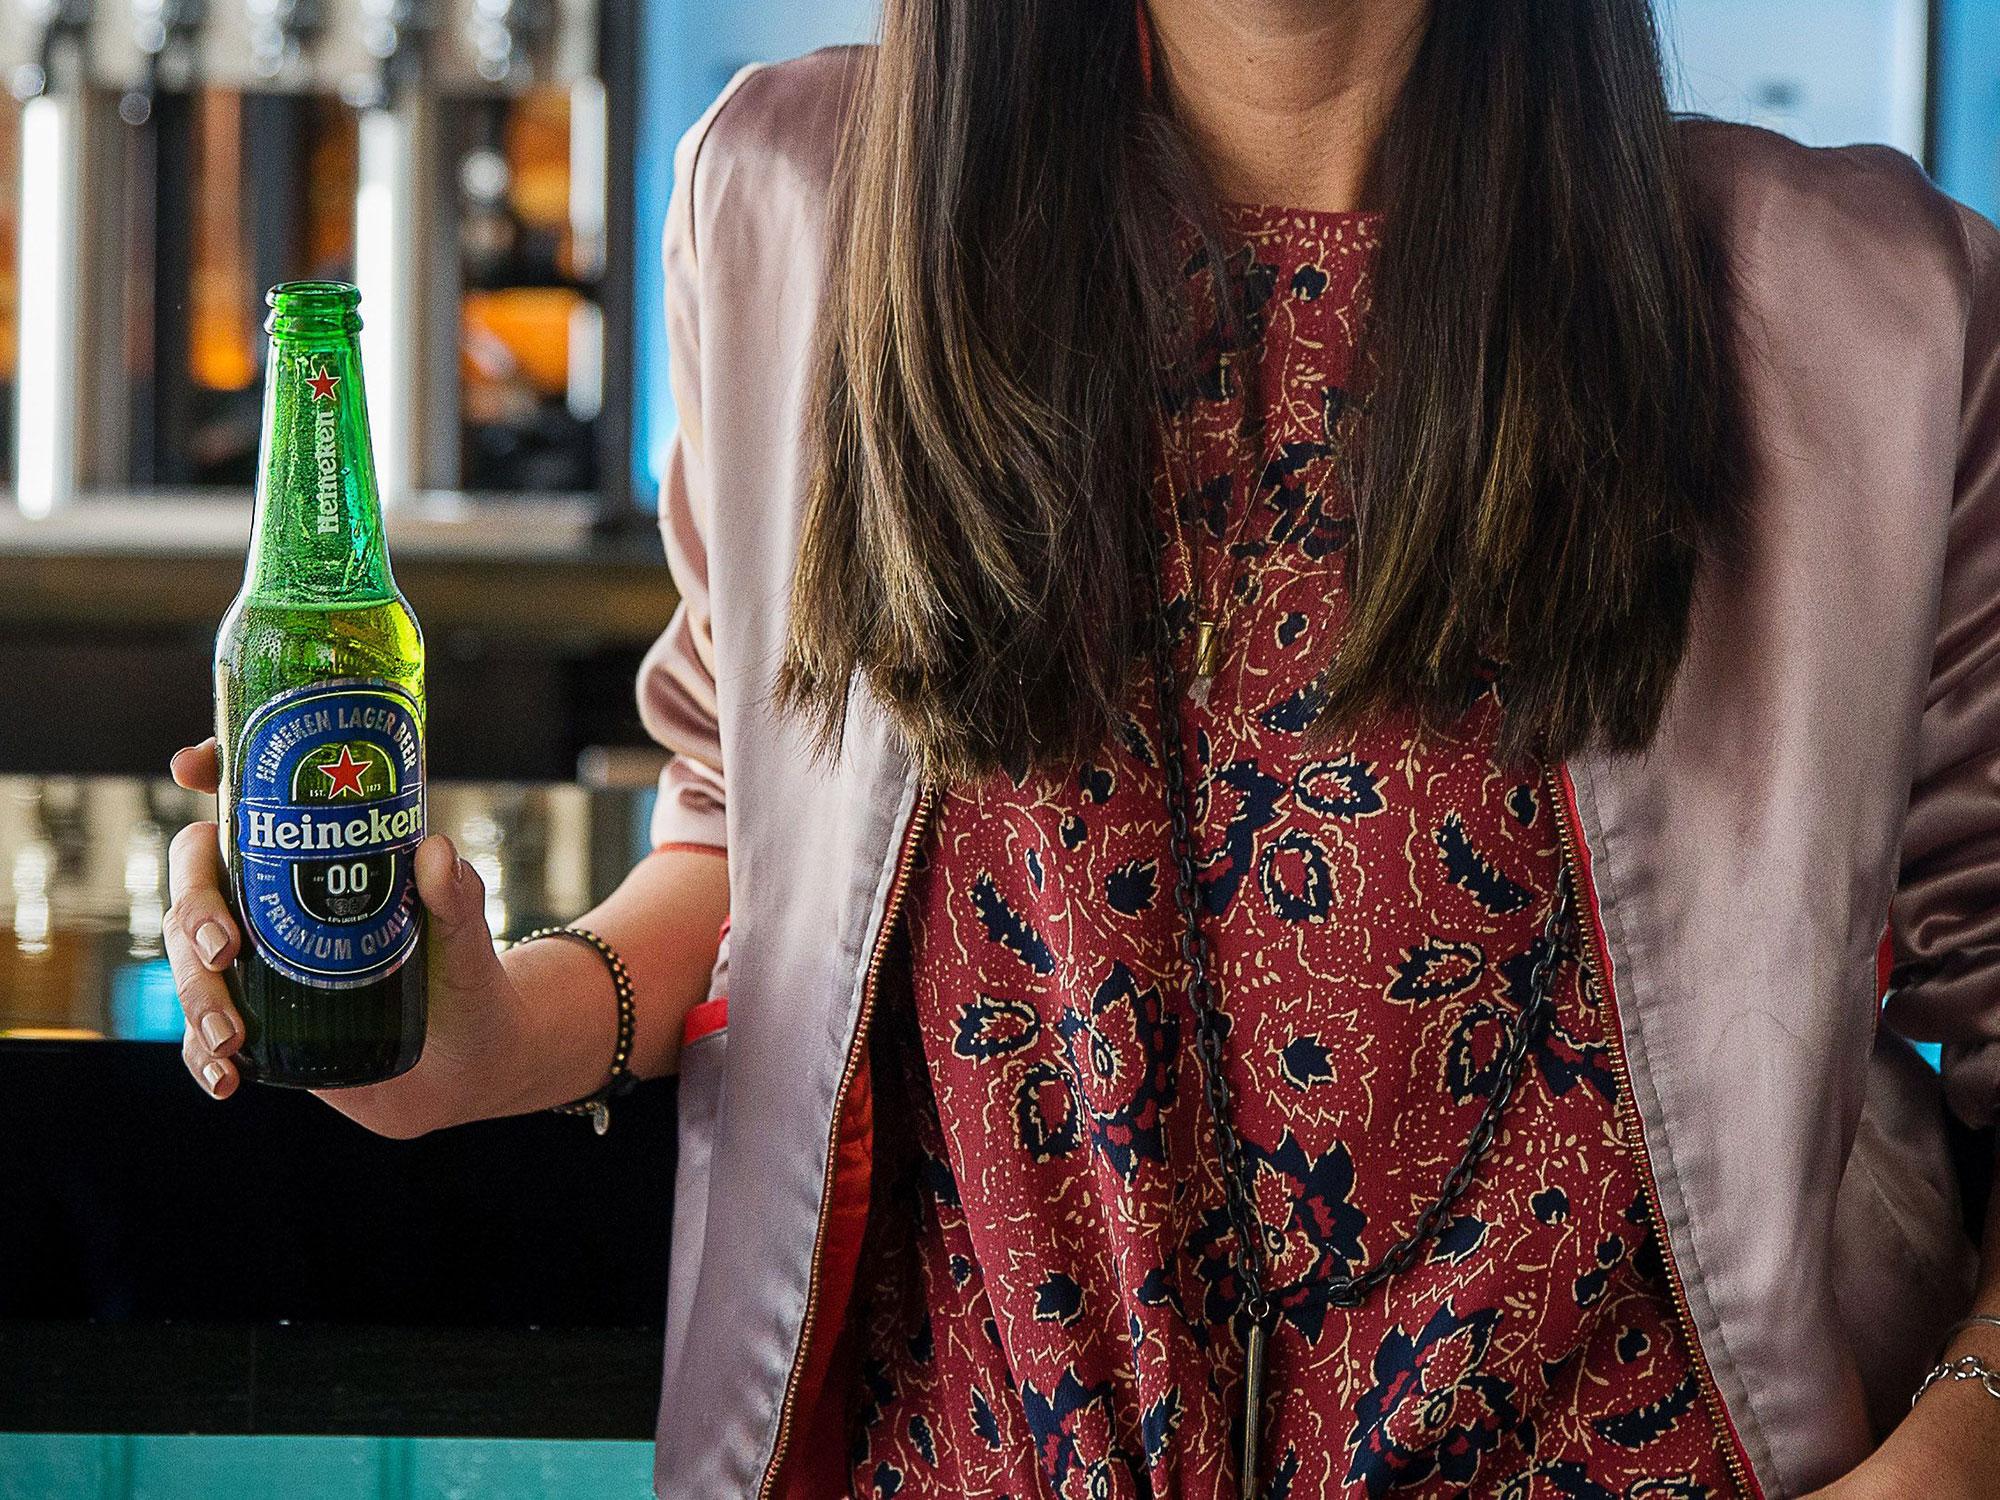 heineken-beer.jpg